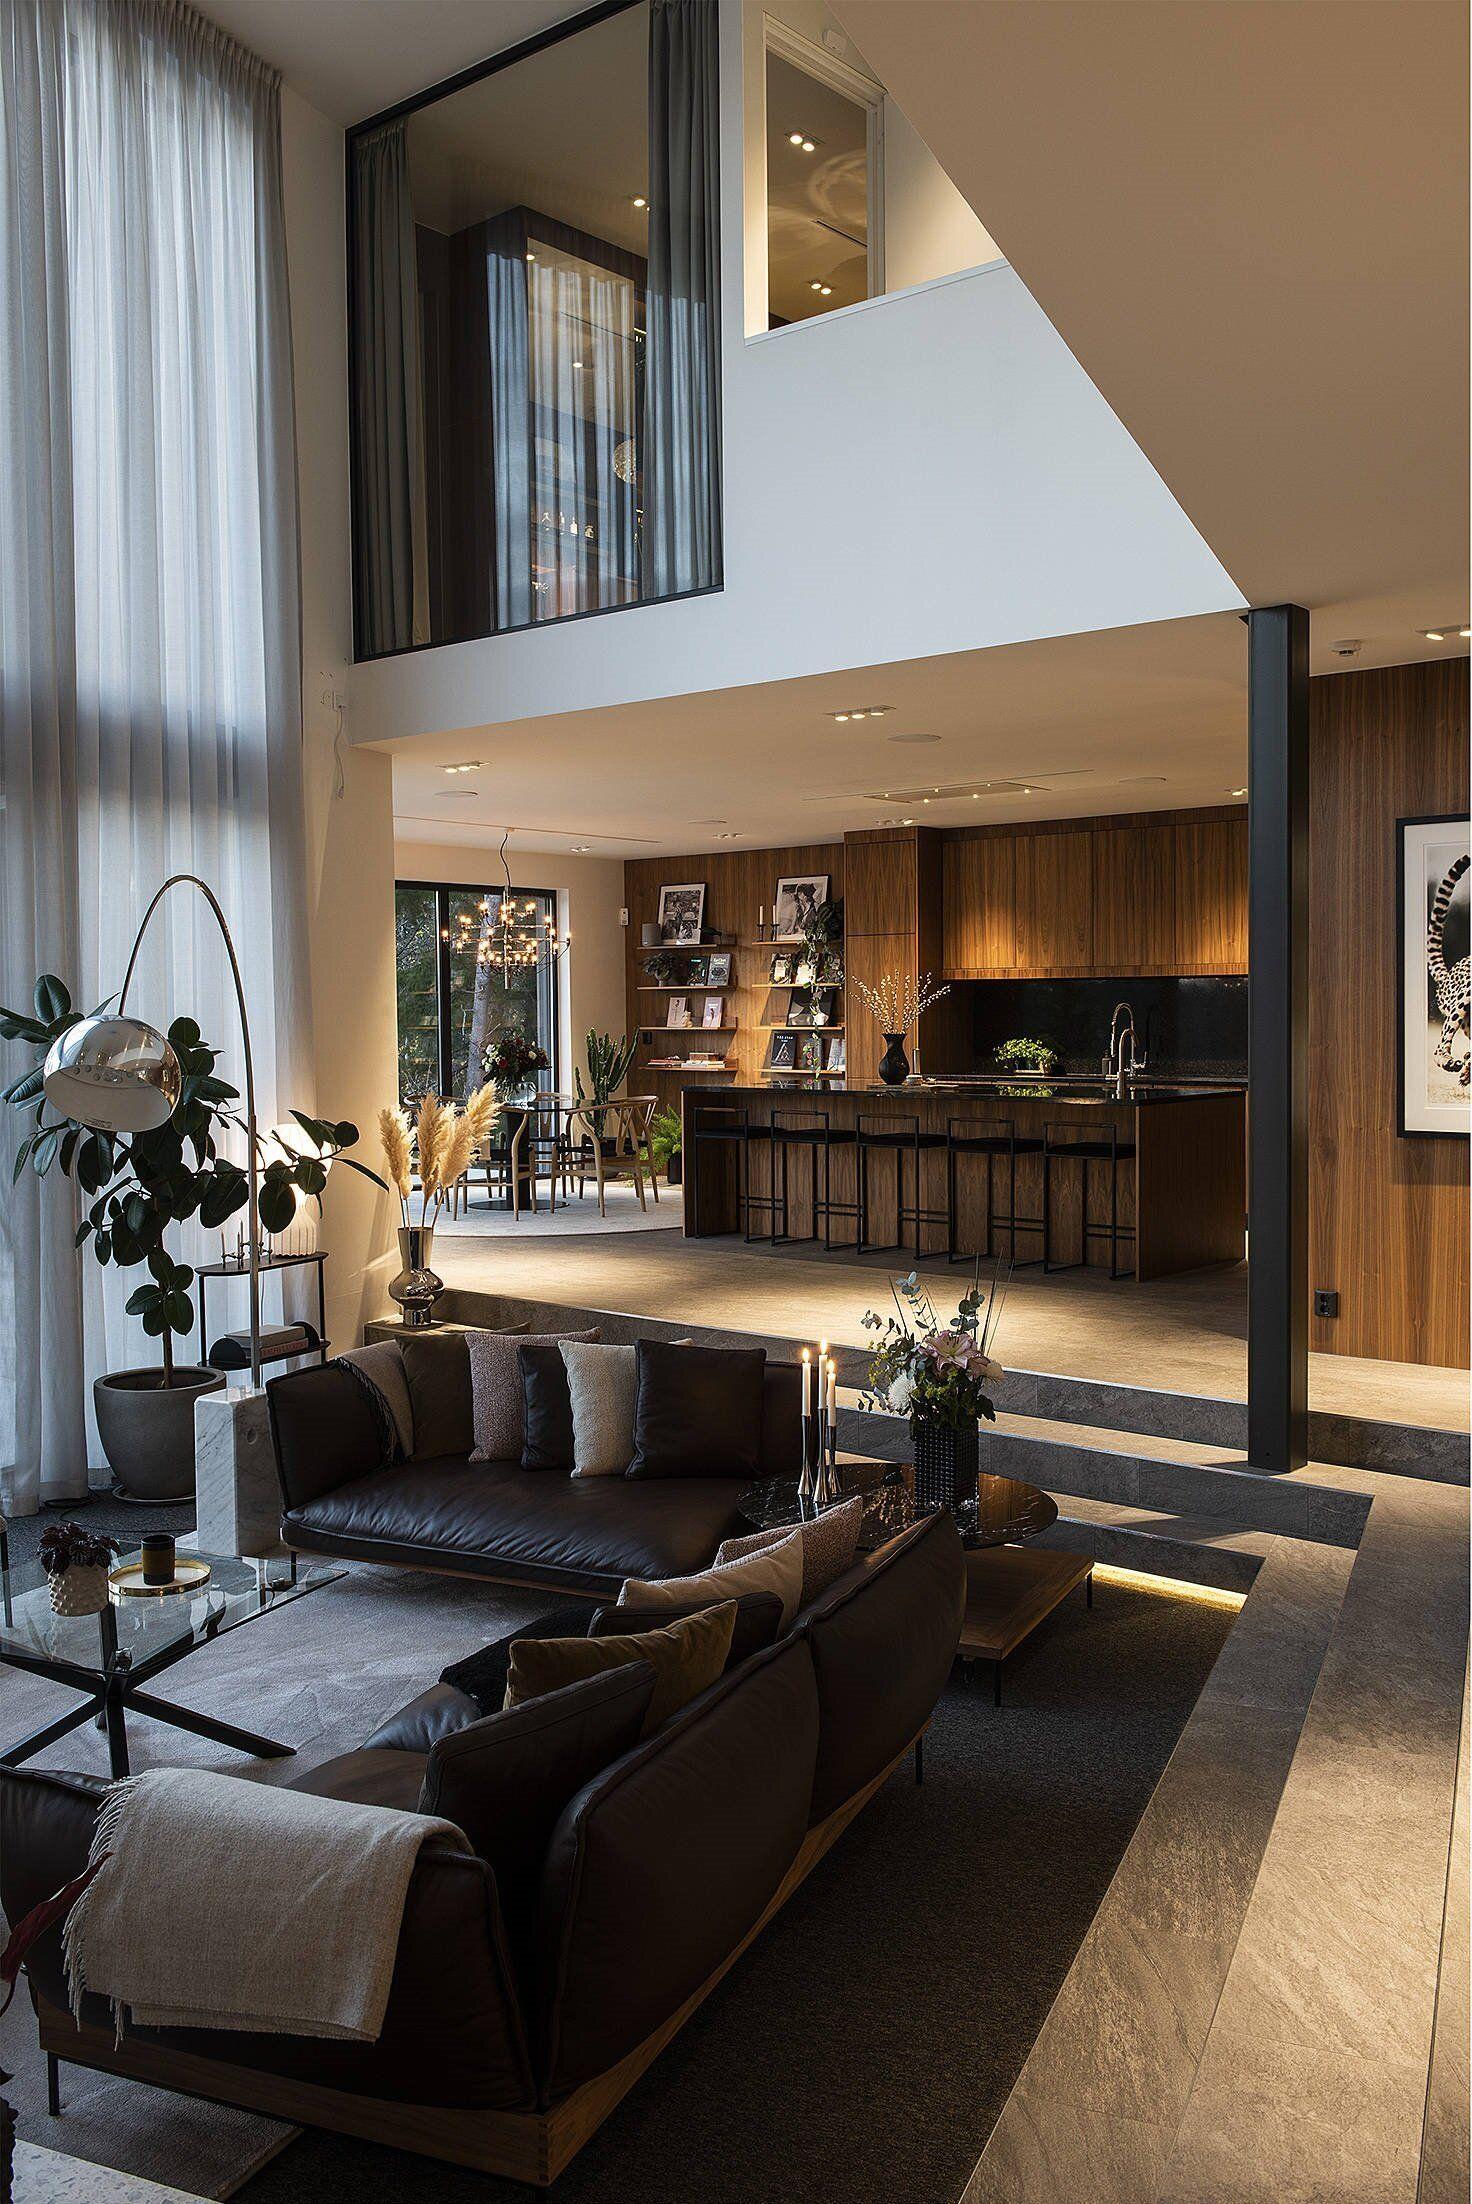 Eine Luxuriose Offene Architekturvilla In Schweden In 2020 Modern Home Interior Design Luxury Living Room Design Modern Houses Interior